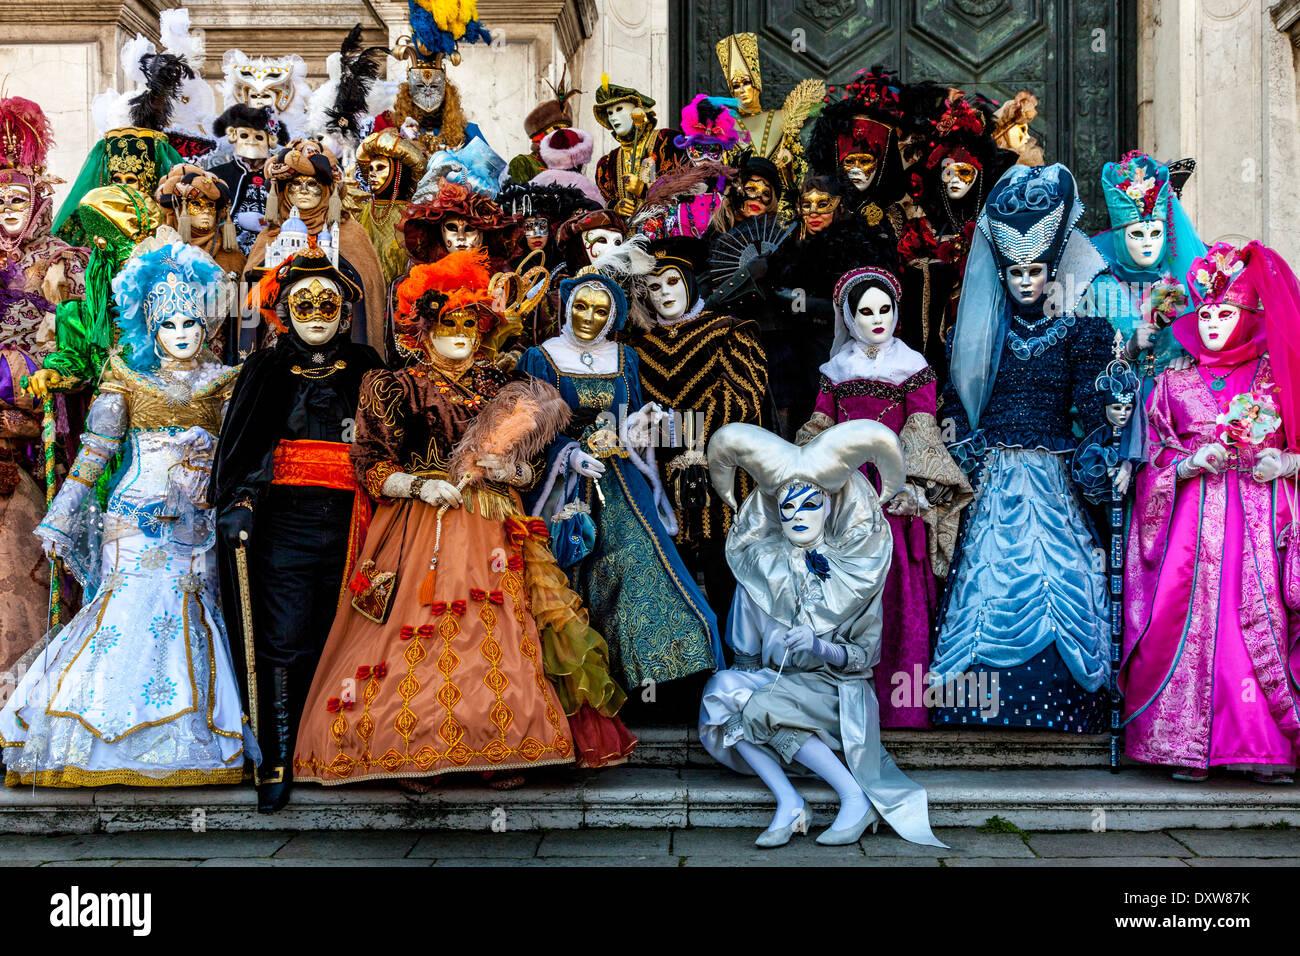 Las personas en traje, Carnaval de Venecia, Venecia, Italia Imagen De Stock